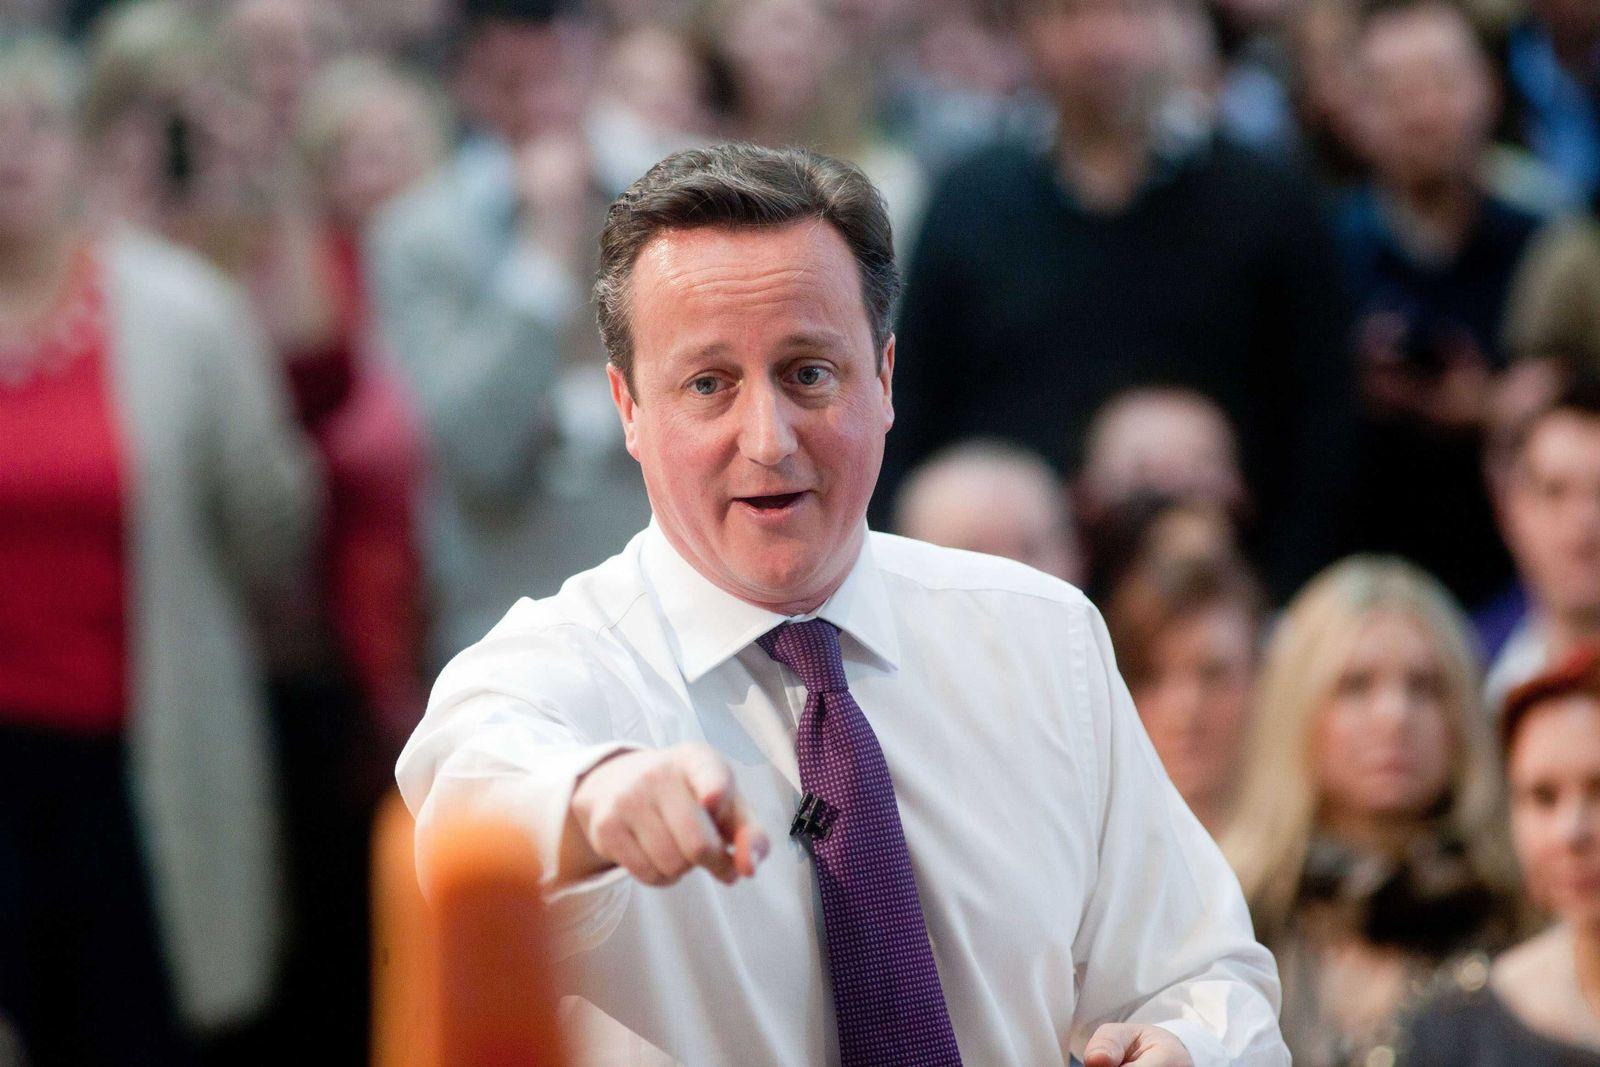 David Cameron / Eastleigh